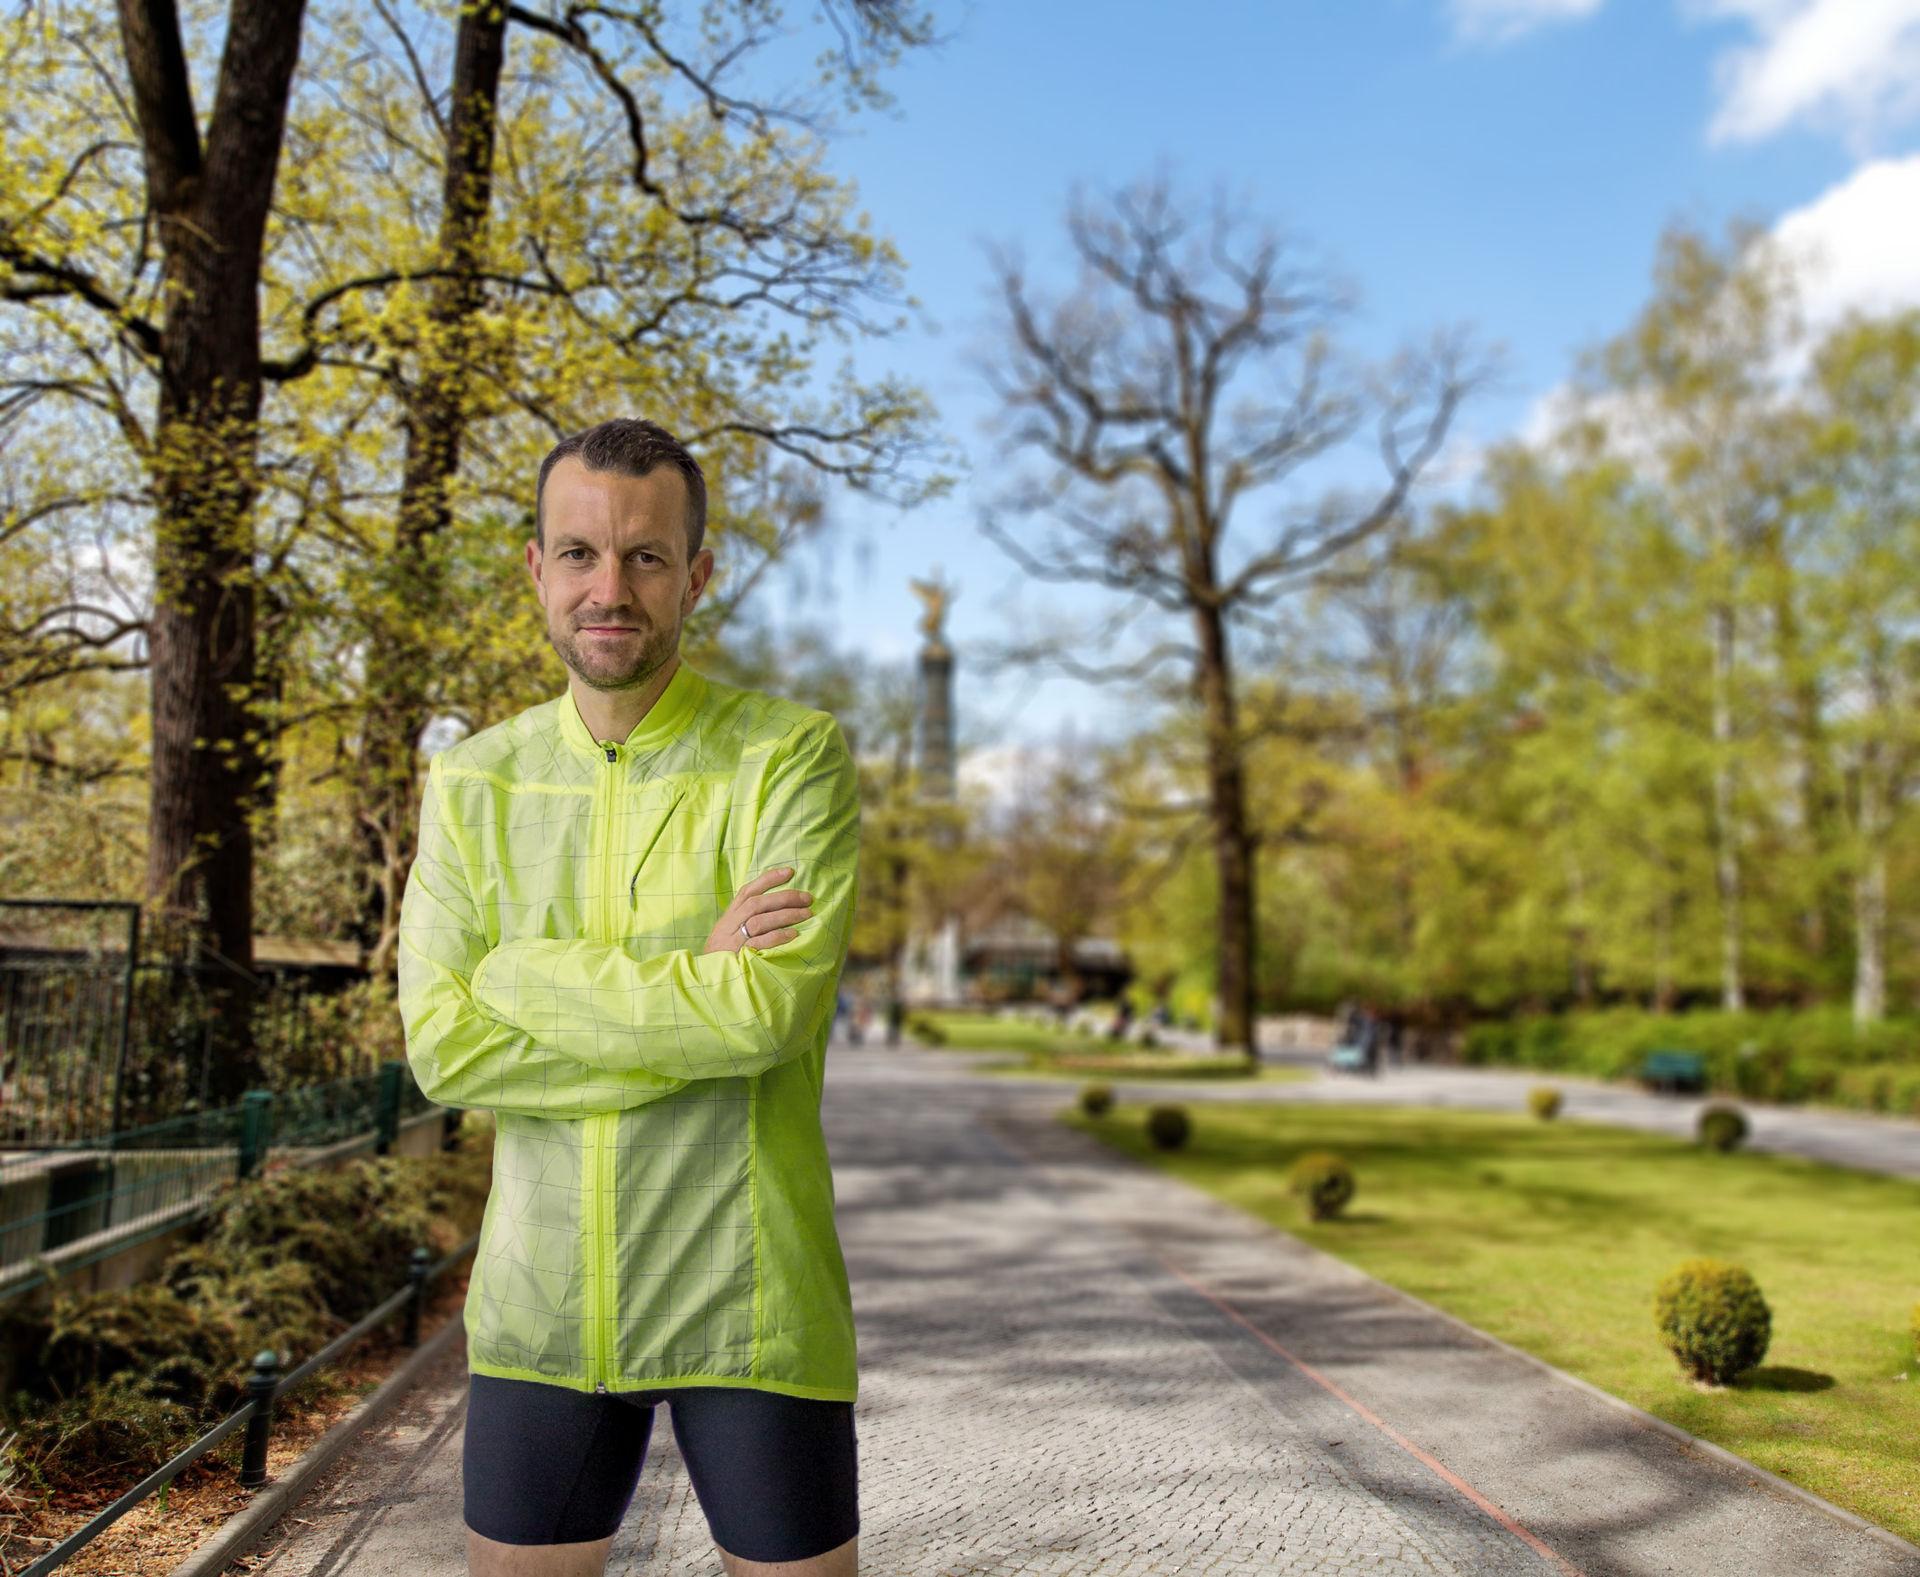 """21503_15_00231_GMs_Run_1-k """"Big 6"""" Zielgerade für Jan-Patrick Krüger in Fernost – am 26.02. tritt der """"schnellste GM Deutschlands"""" beim Tokyo Marathon an, um die """"World Marathon Majors Serie"""" zu vollenden"""